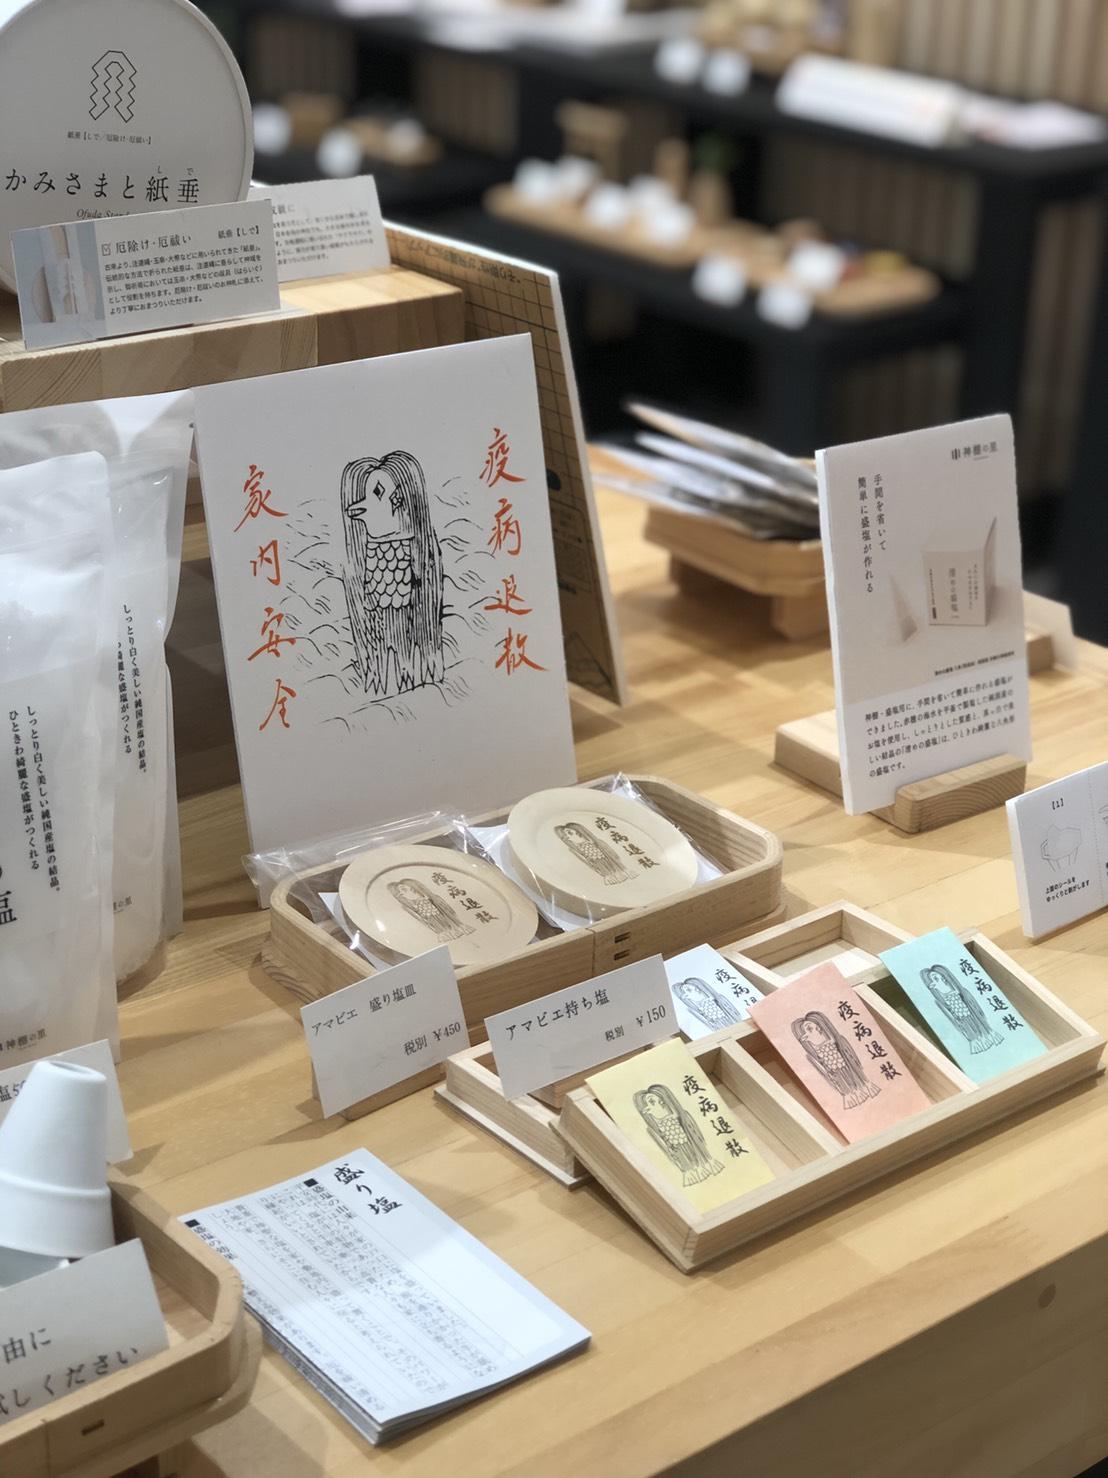 神棚の里 静岡MODI店内写真